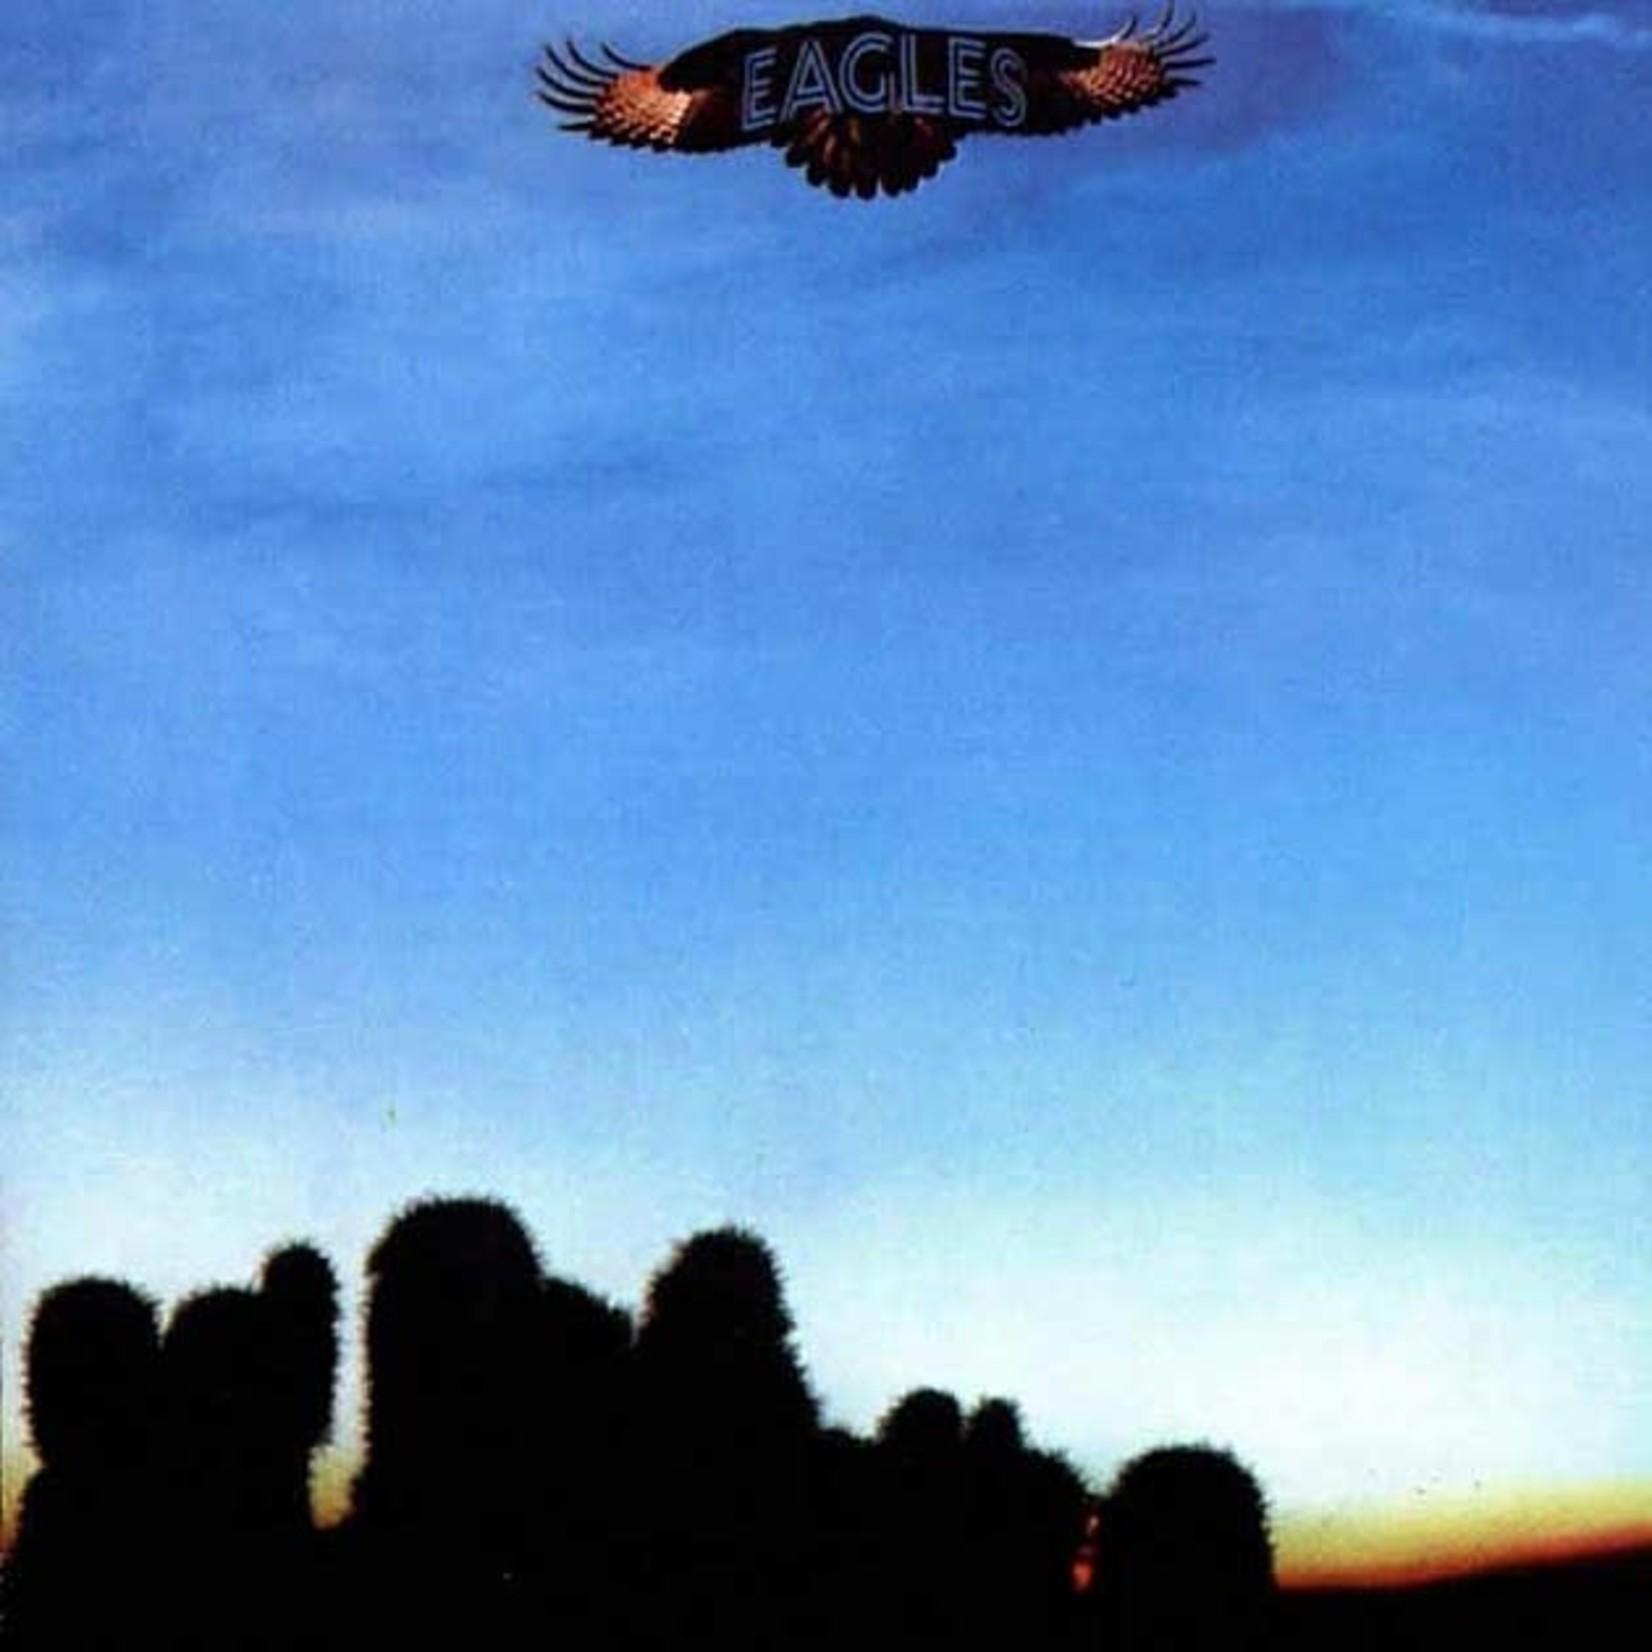 [Vintage] Eagles: self-titled